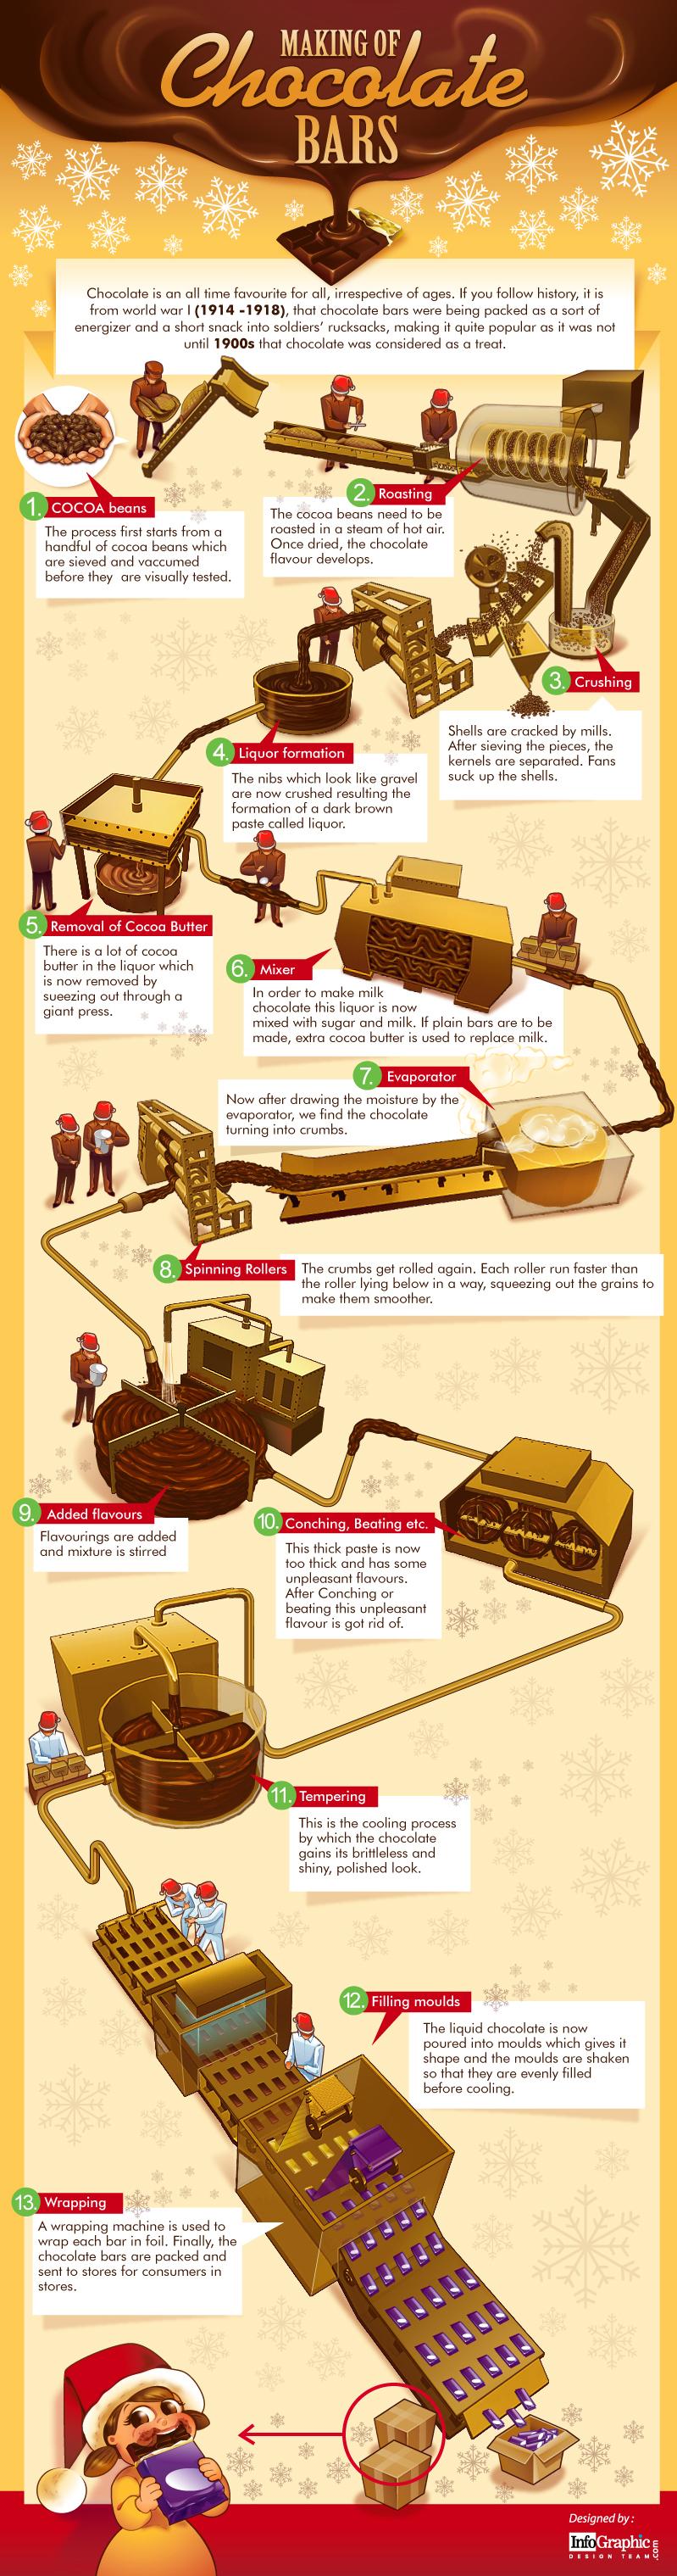 Making of Chocolate Bars